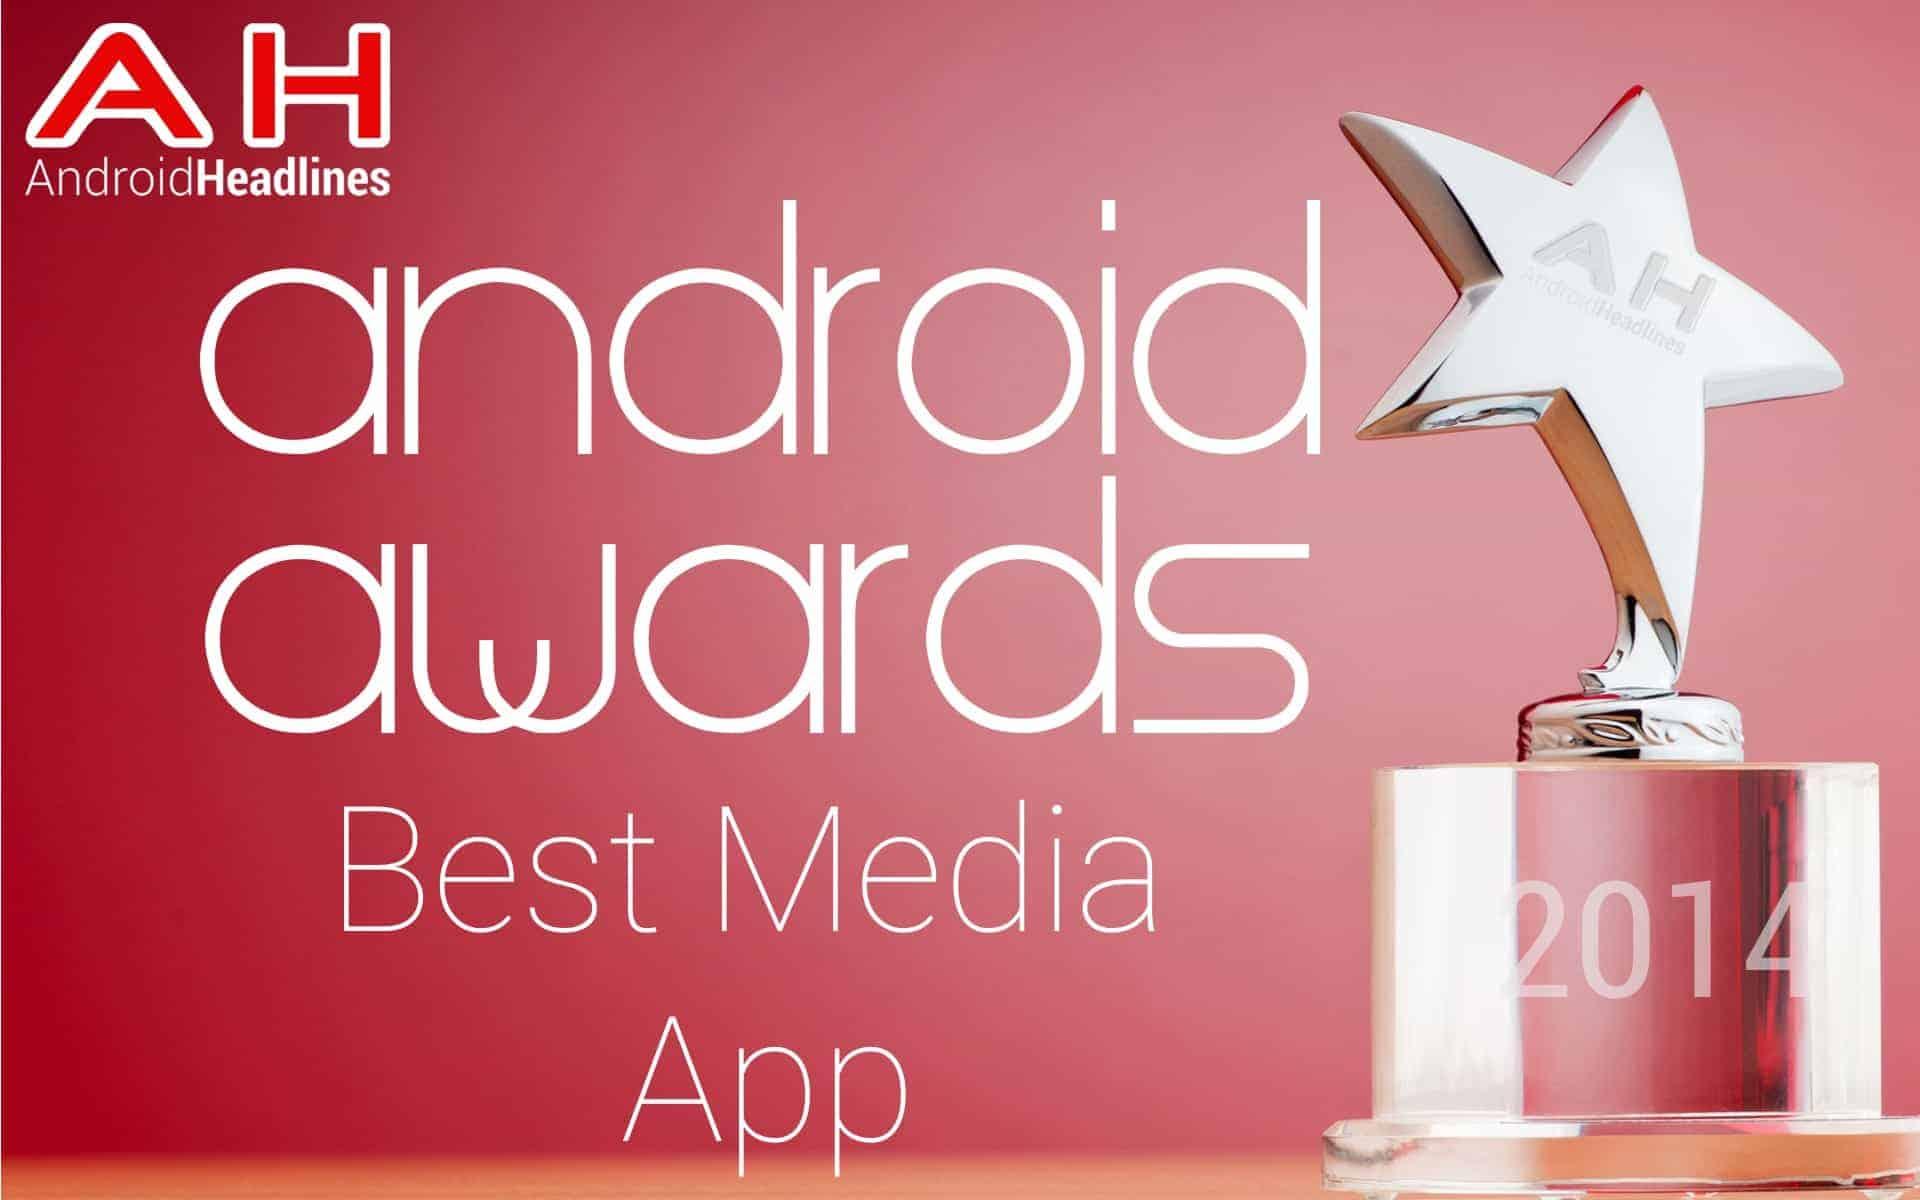 AH Awards 2015 Best Android Media App